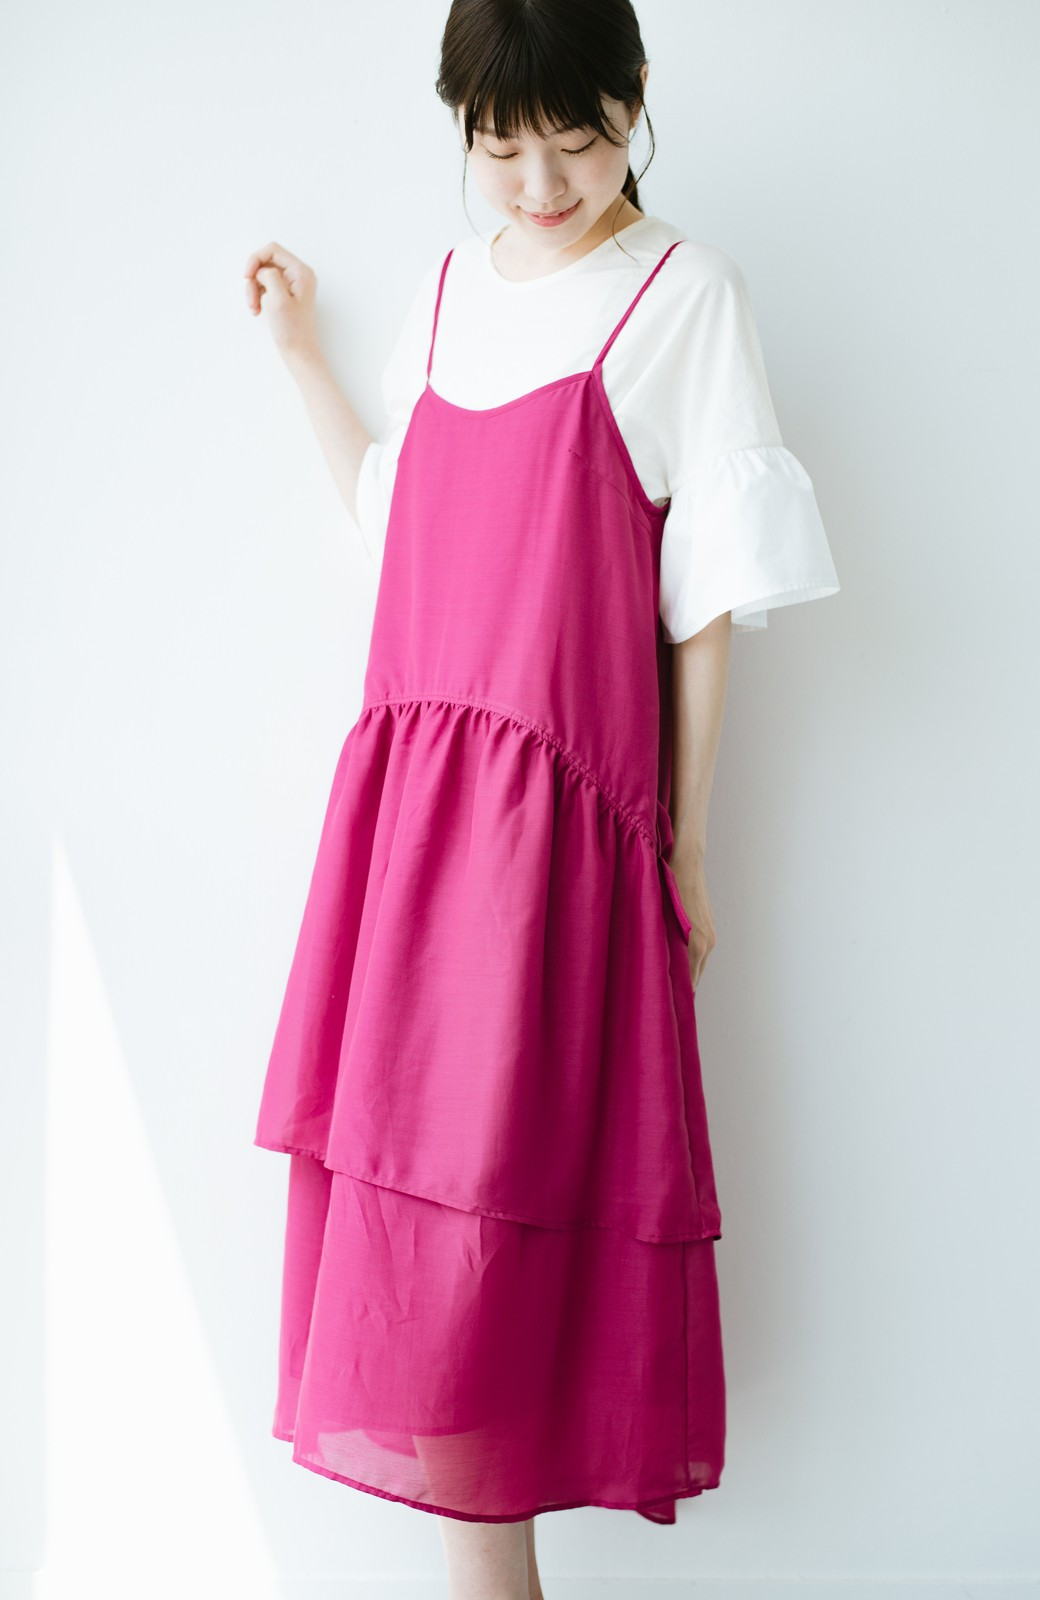 haco! てとひとて KANA MATSUNAMI  ティアードキャミドレス  <ピンク>の商品写真10